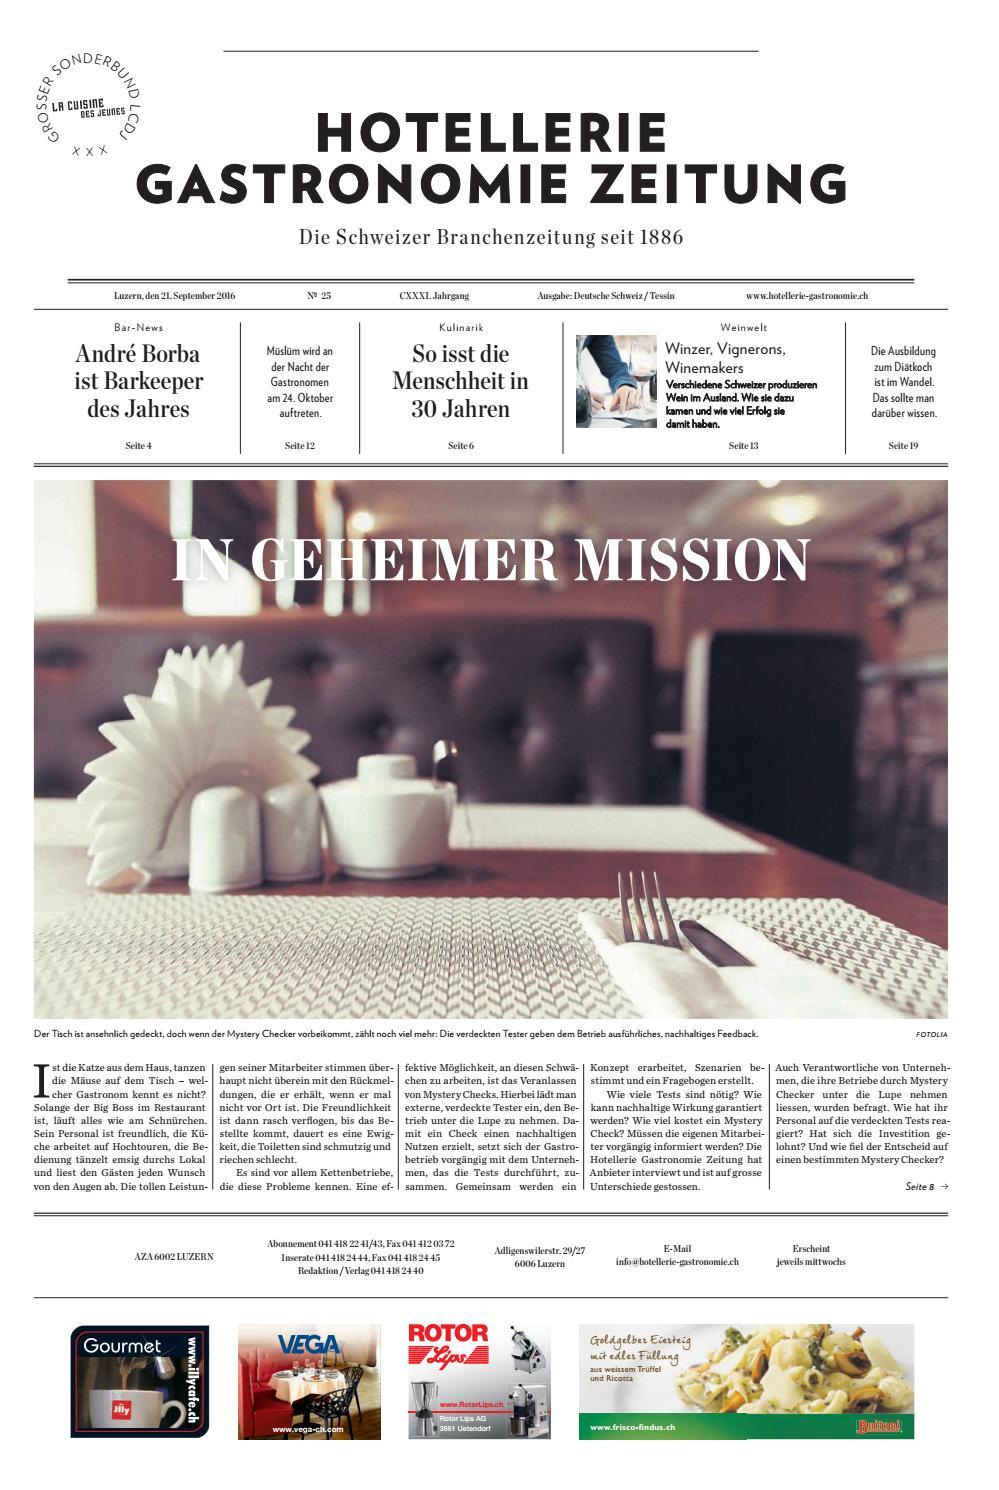 Schön Zeitung Setup Vorlage Bilder - Entry Level Resume Vorlagen ...